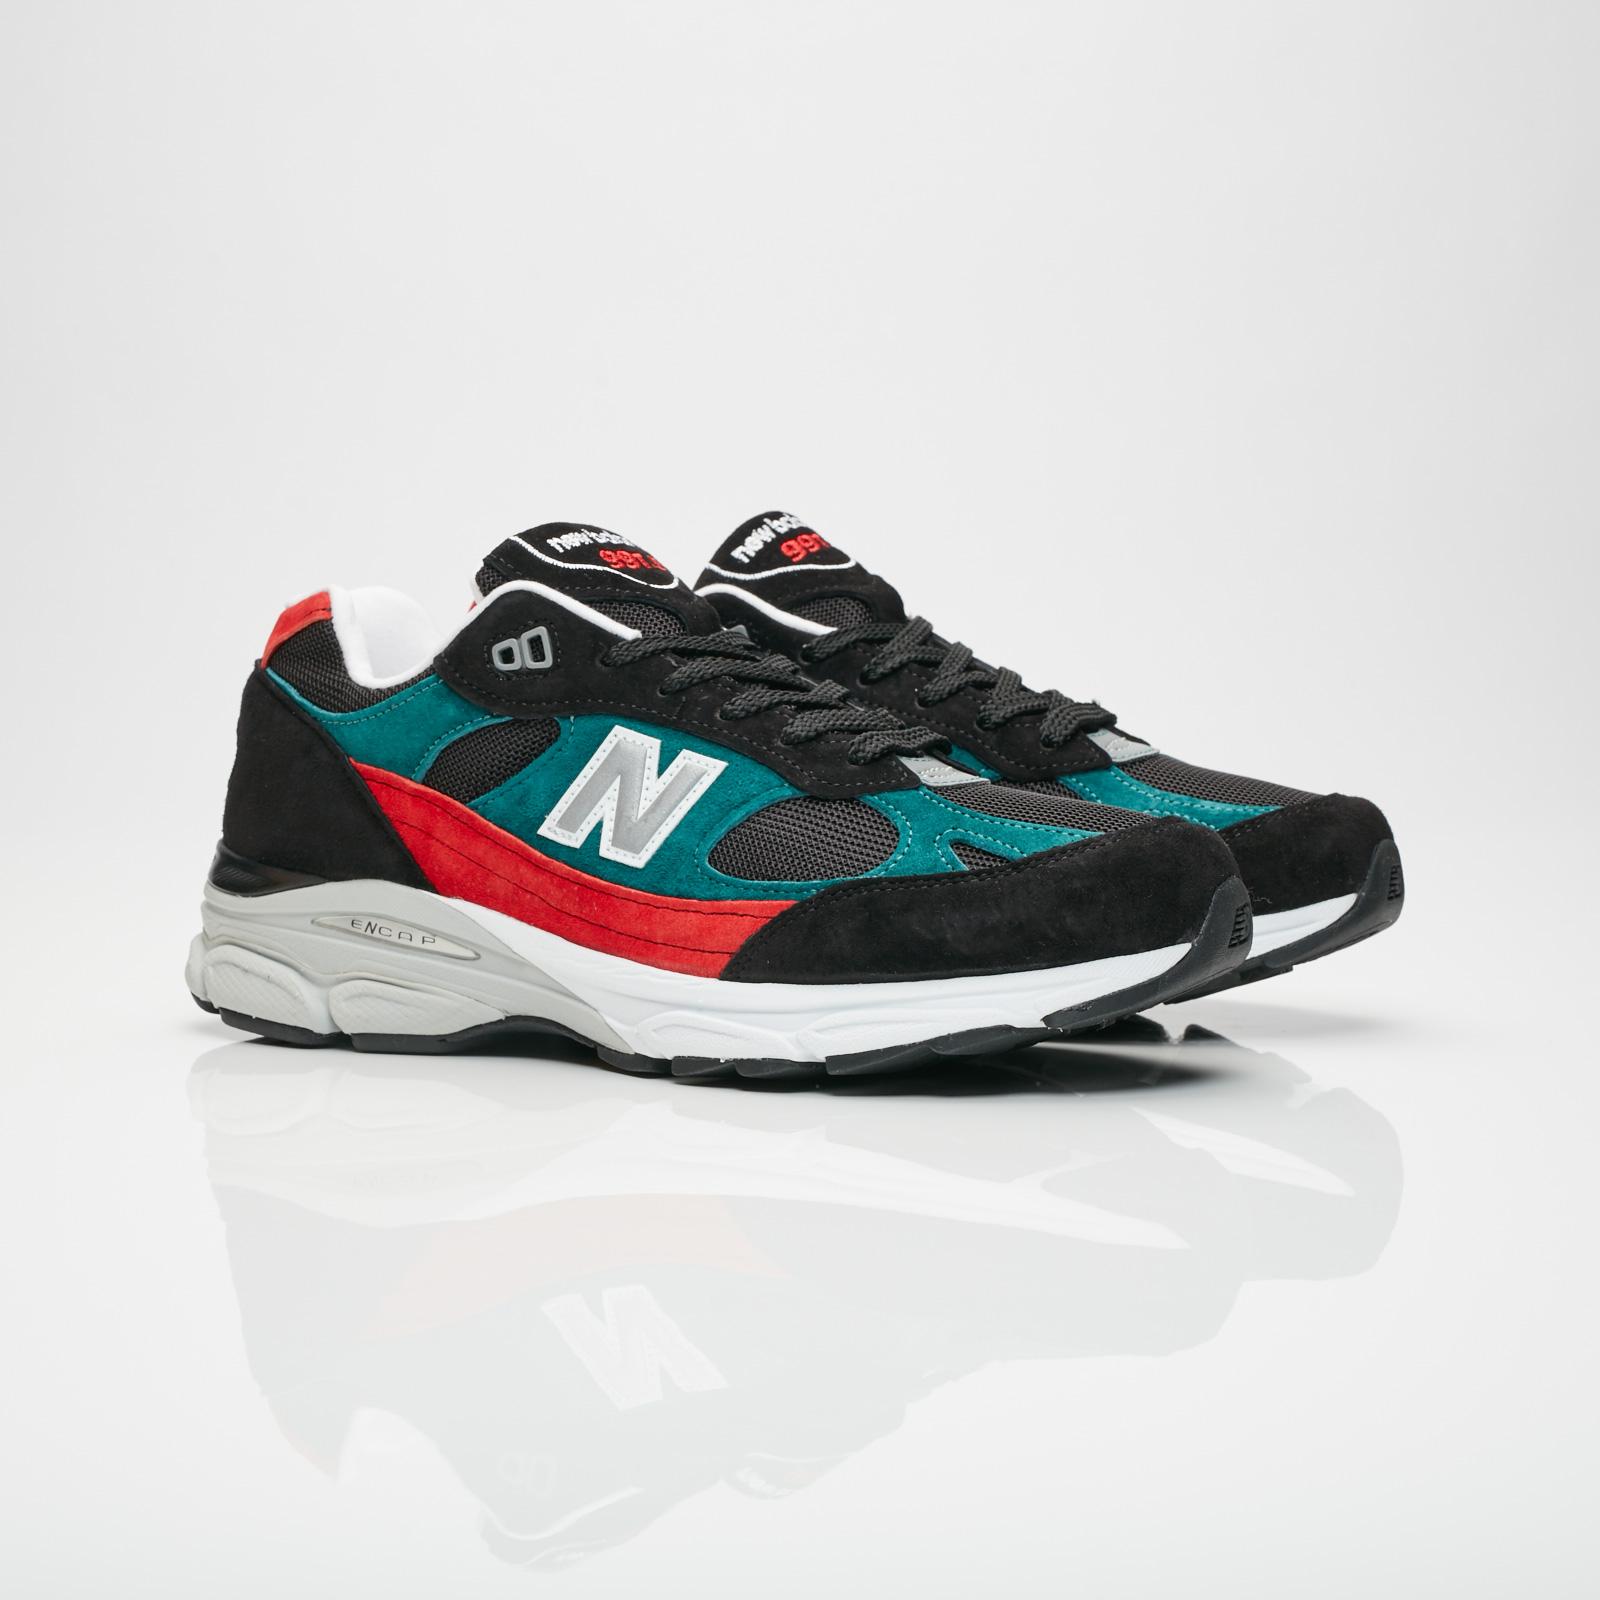 New Balance M9919 - M9919scf - SNS | sneakers & streetwear online ...